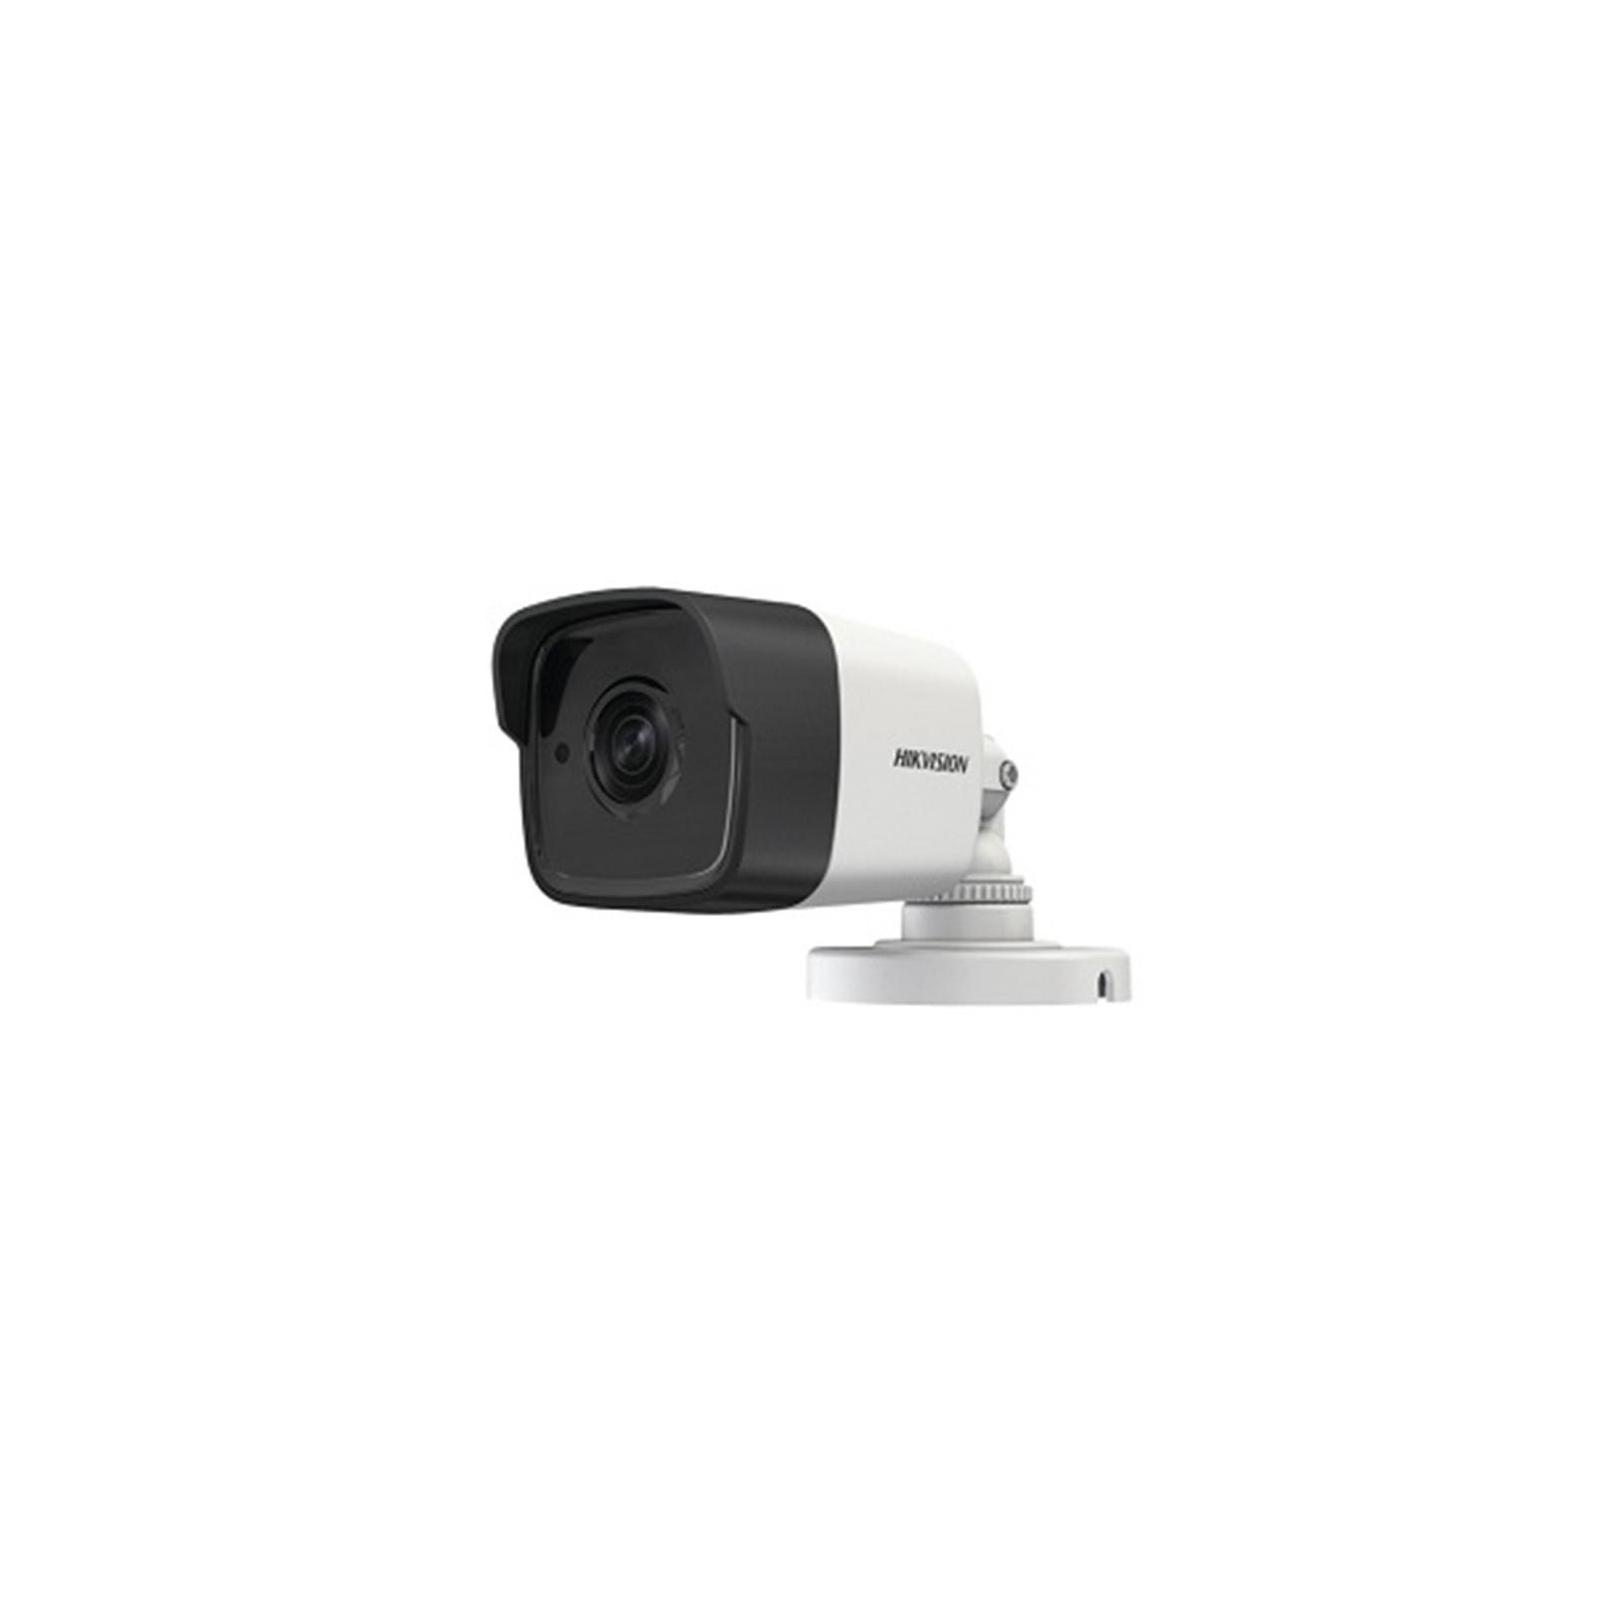 Камера видеонаблюдения HikVision DS-2CD1023G0-I (2.8) изображение 3